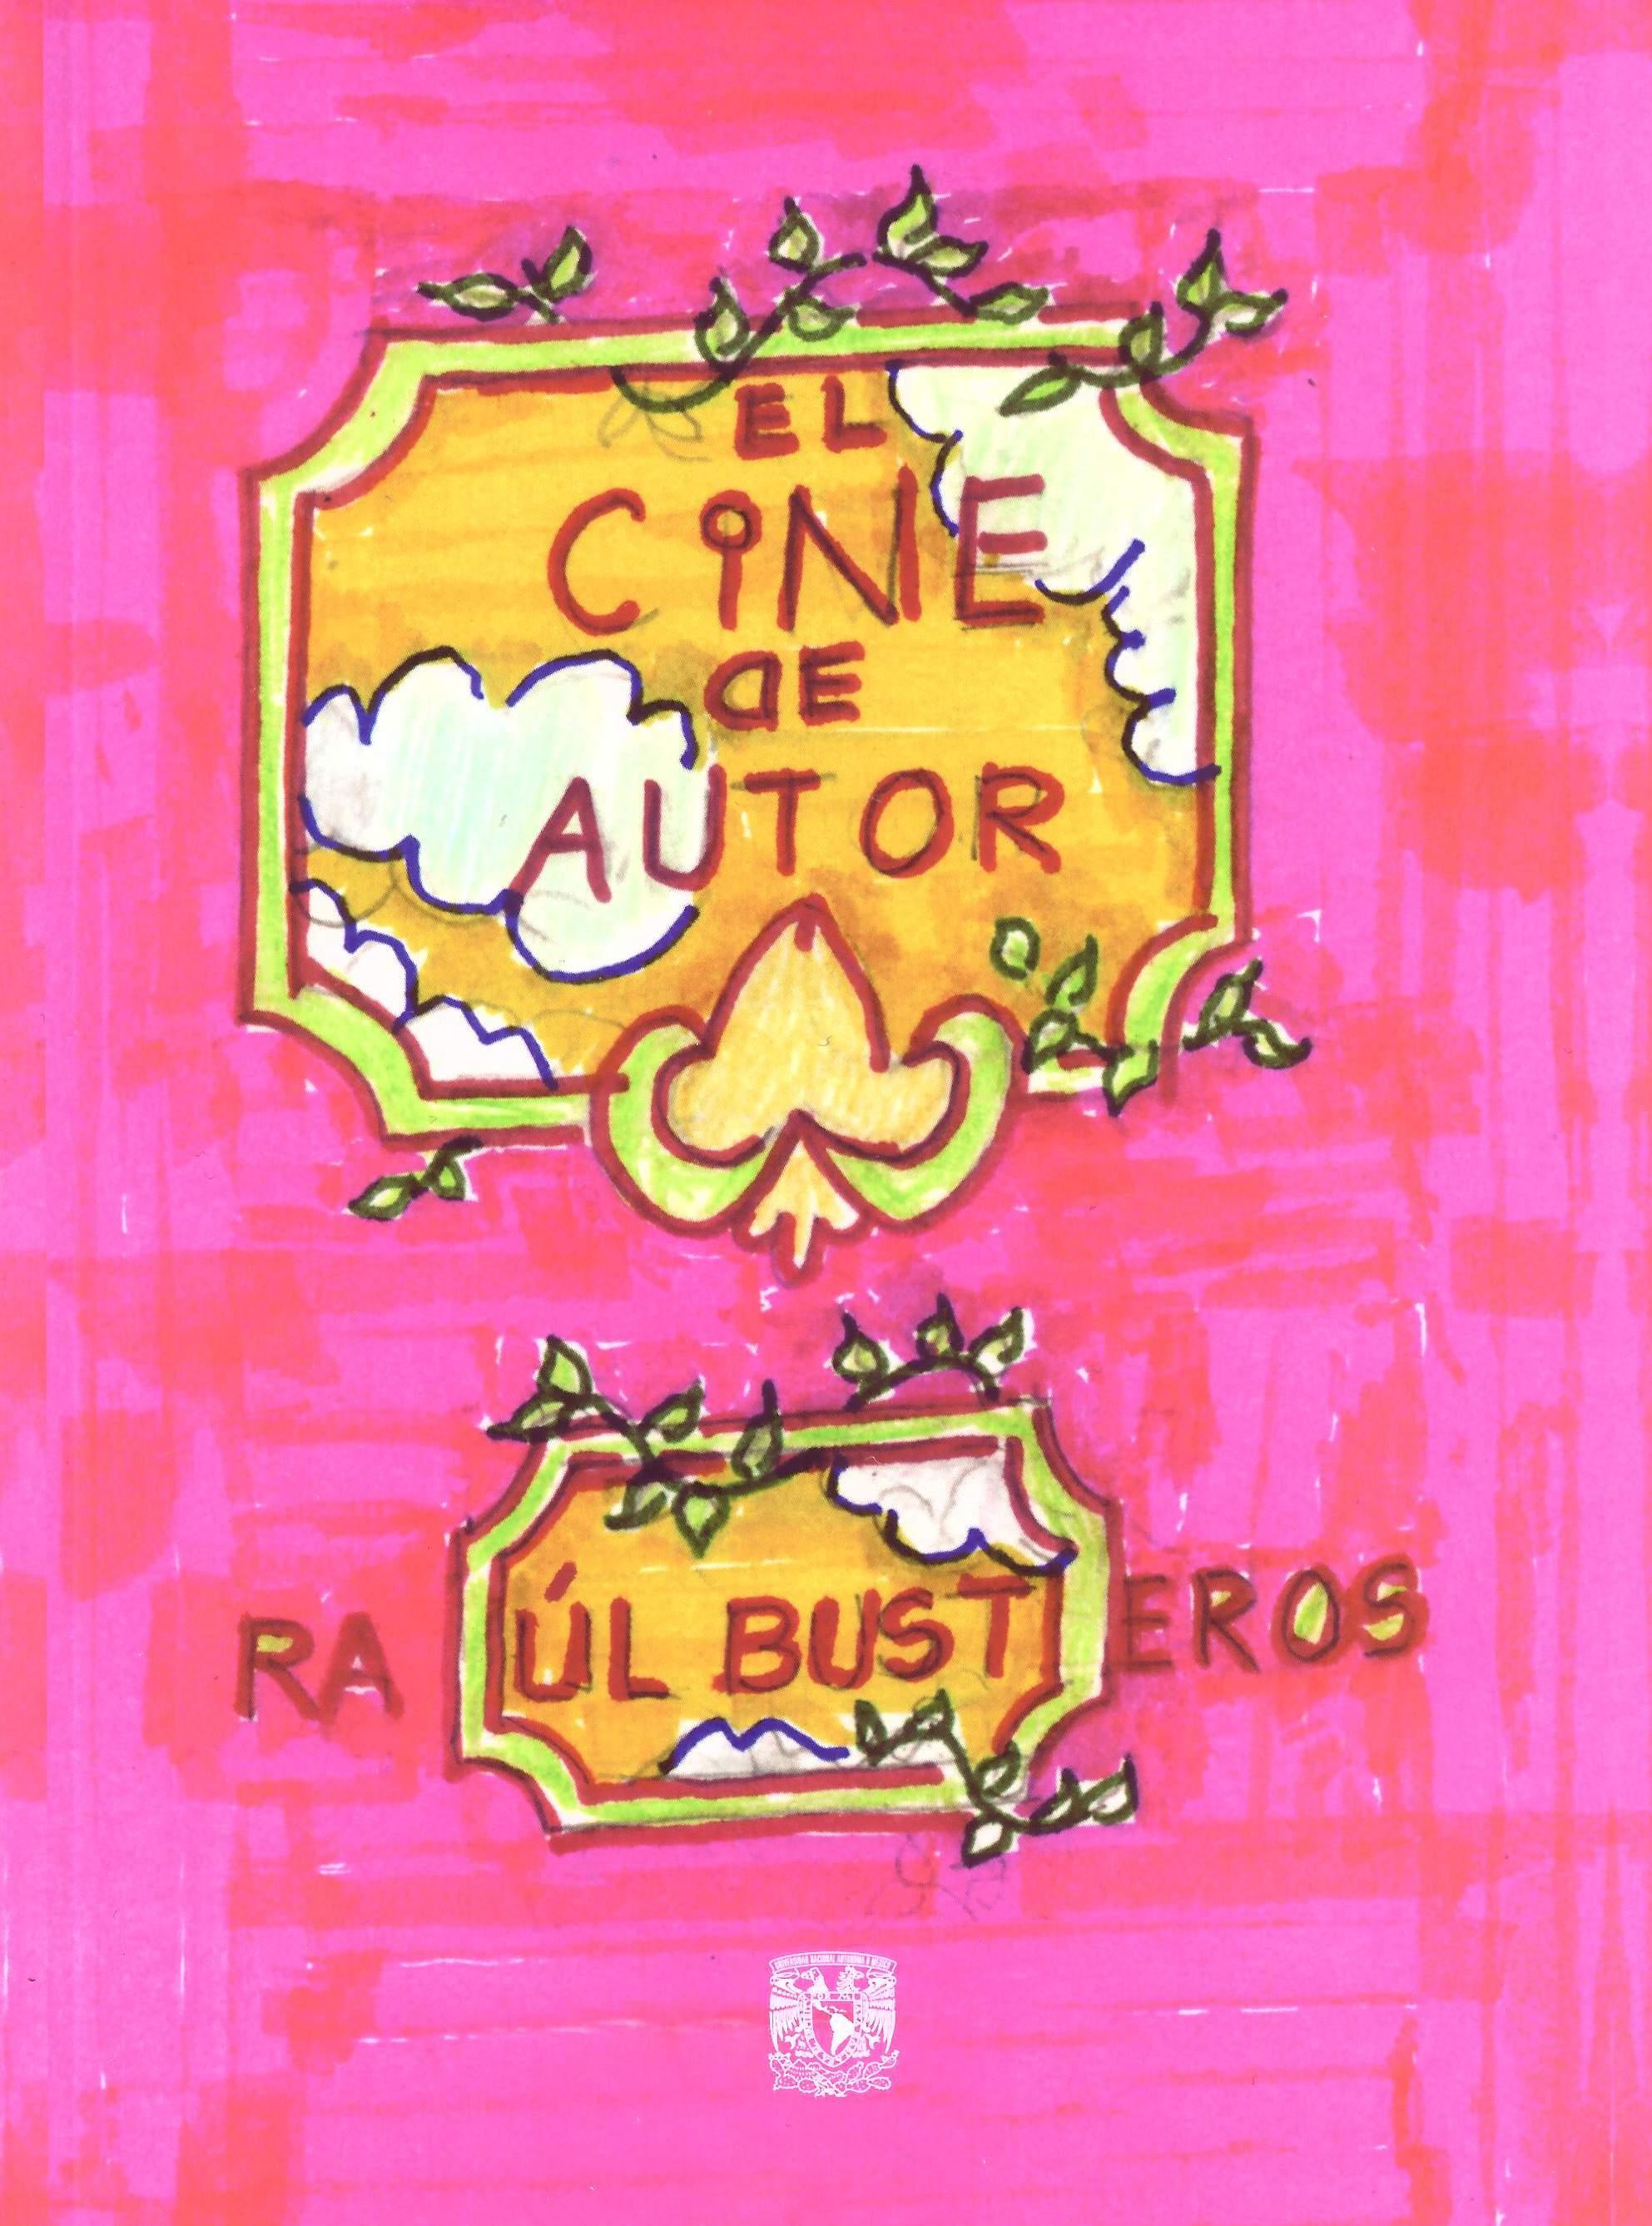 El cine de autor